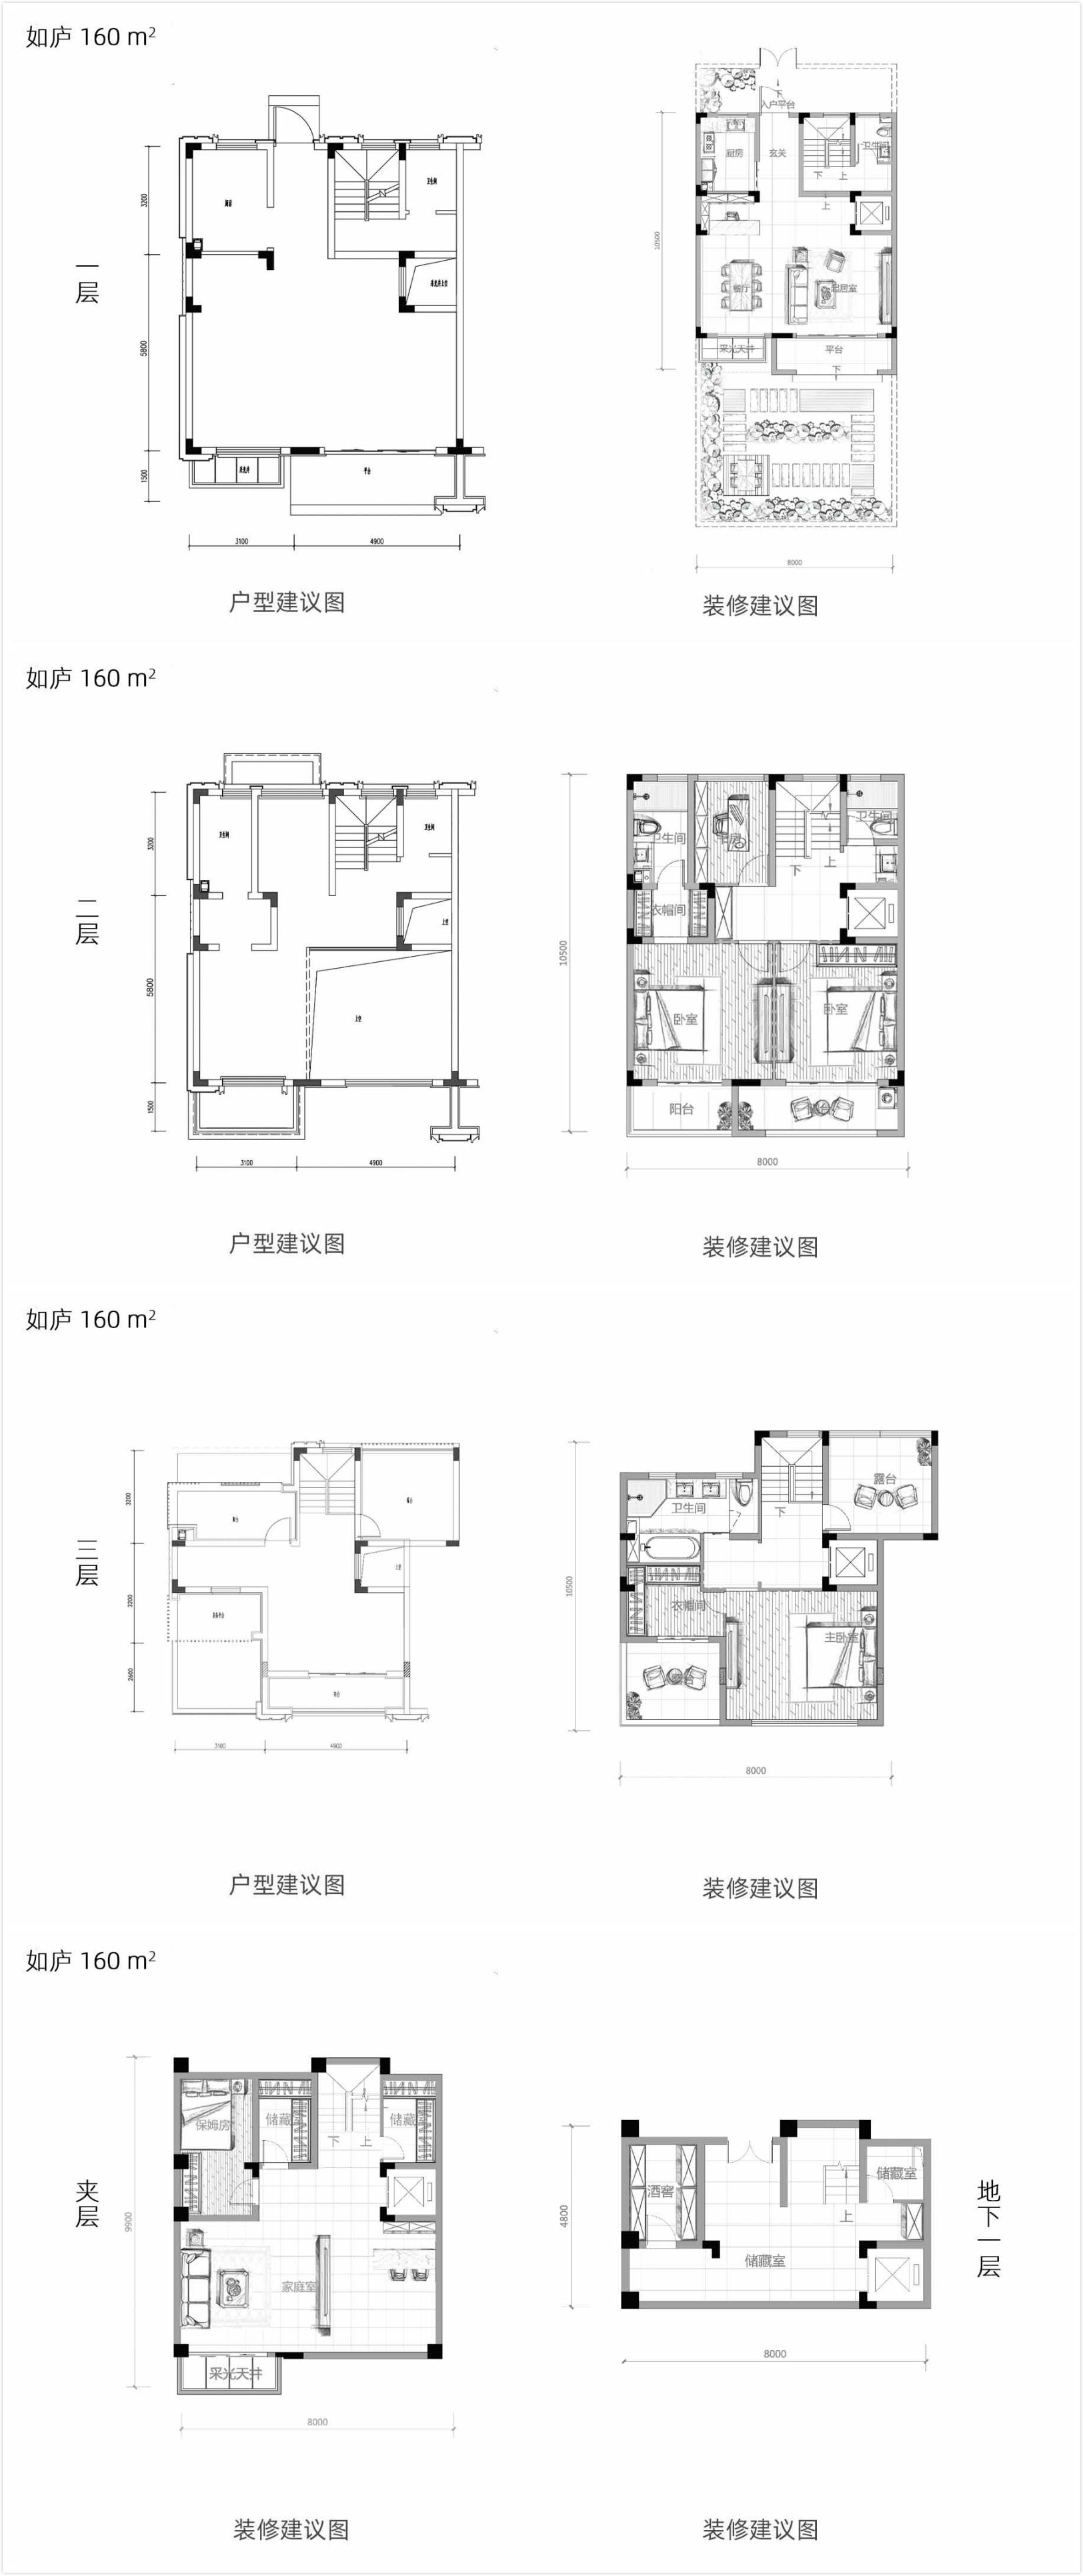 怀石雅苑/春上雅庐排屋约160方